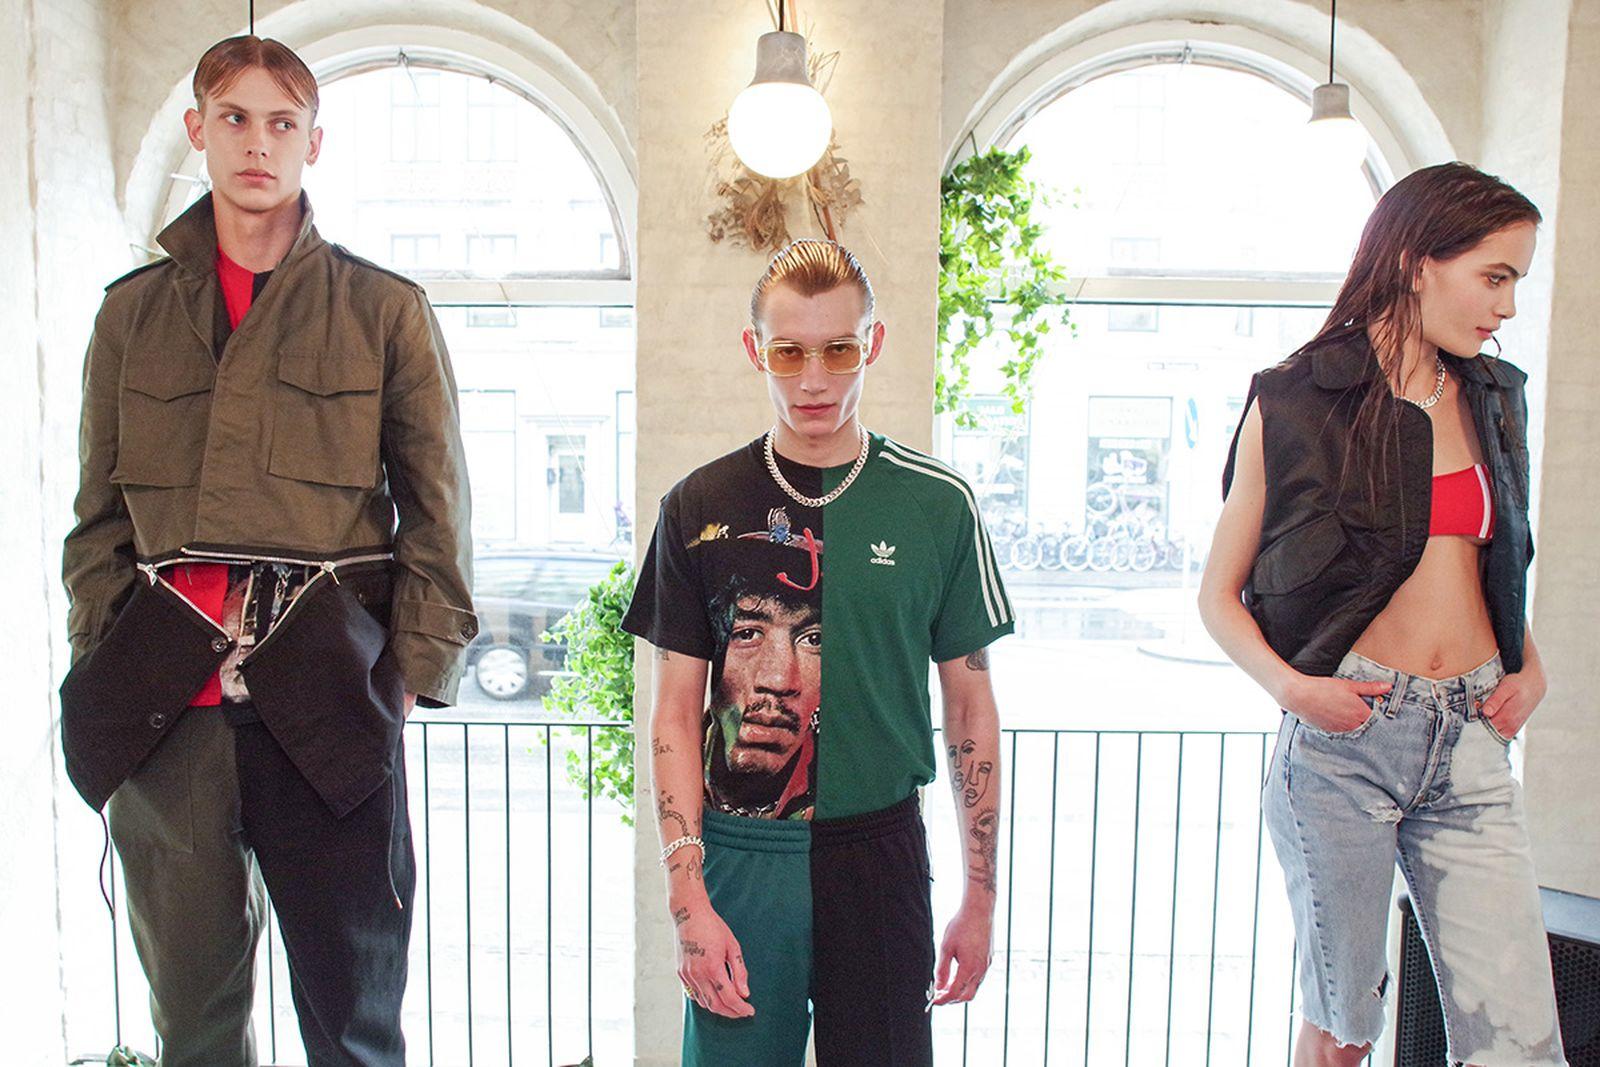 future-fashion-week-copenhagen-division-11